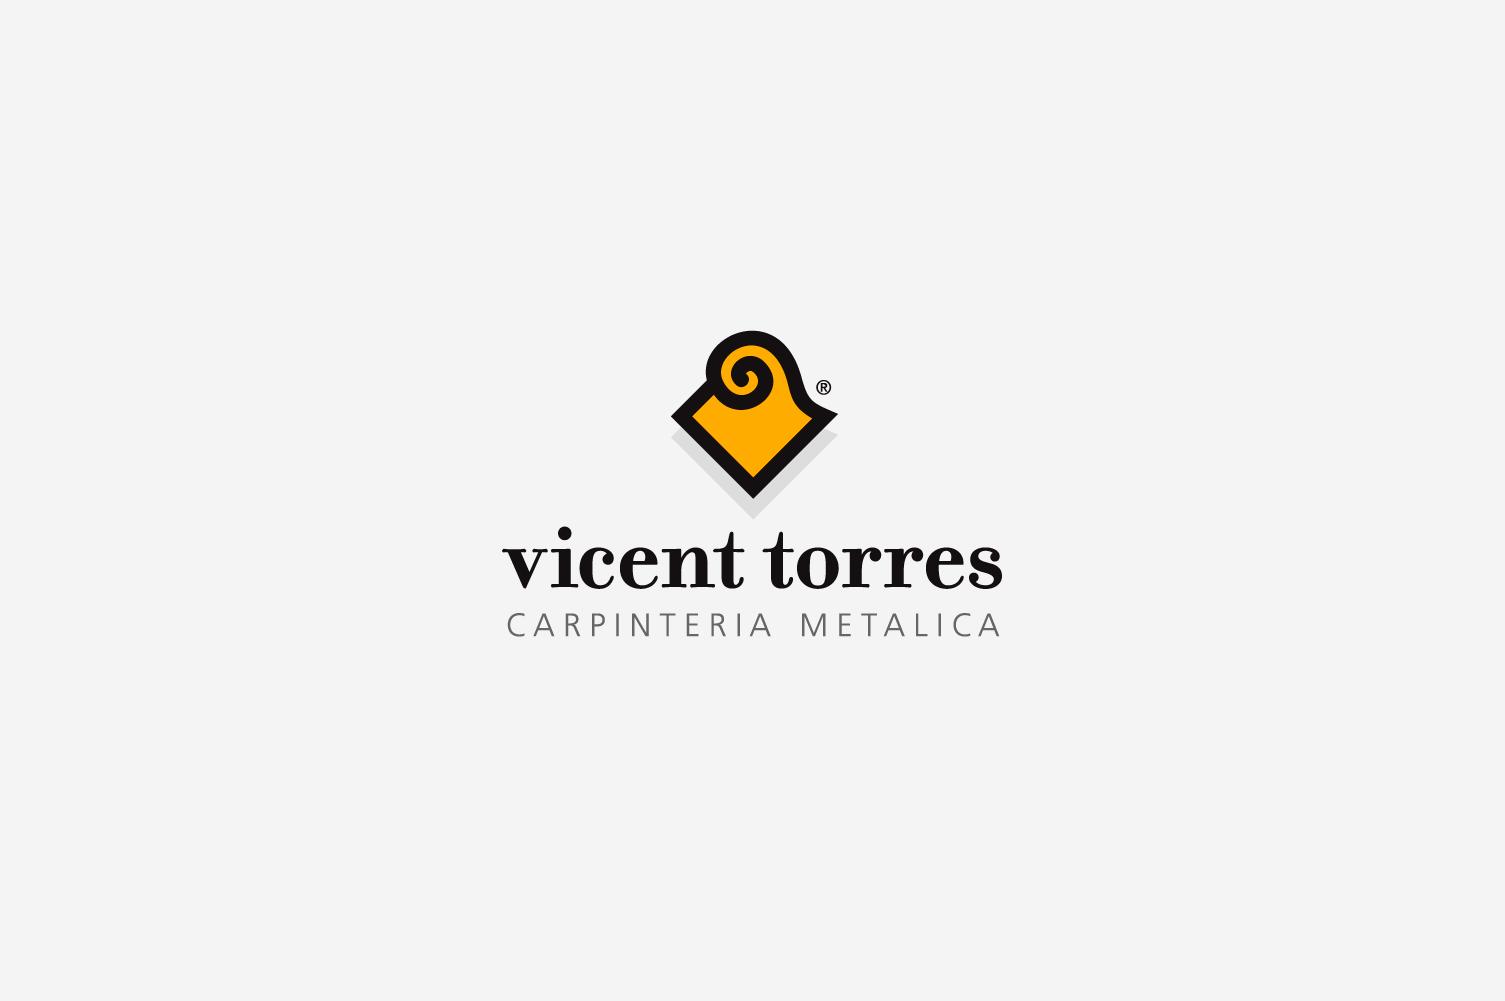 Marca Vicent Torres versión 1